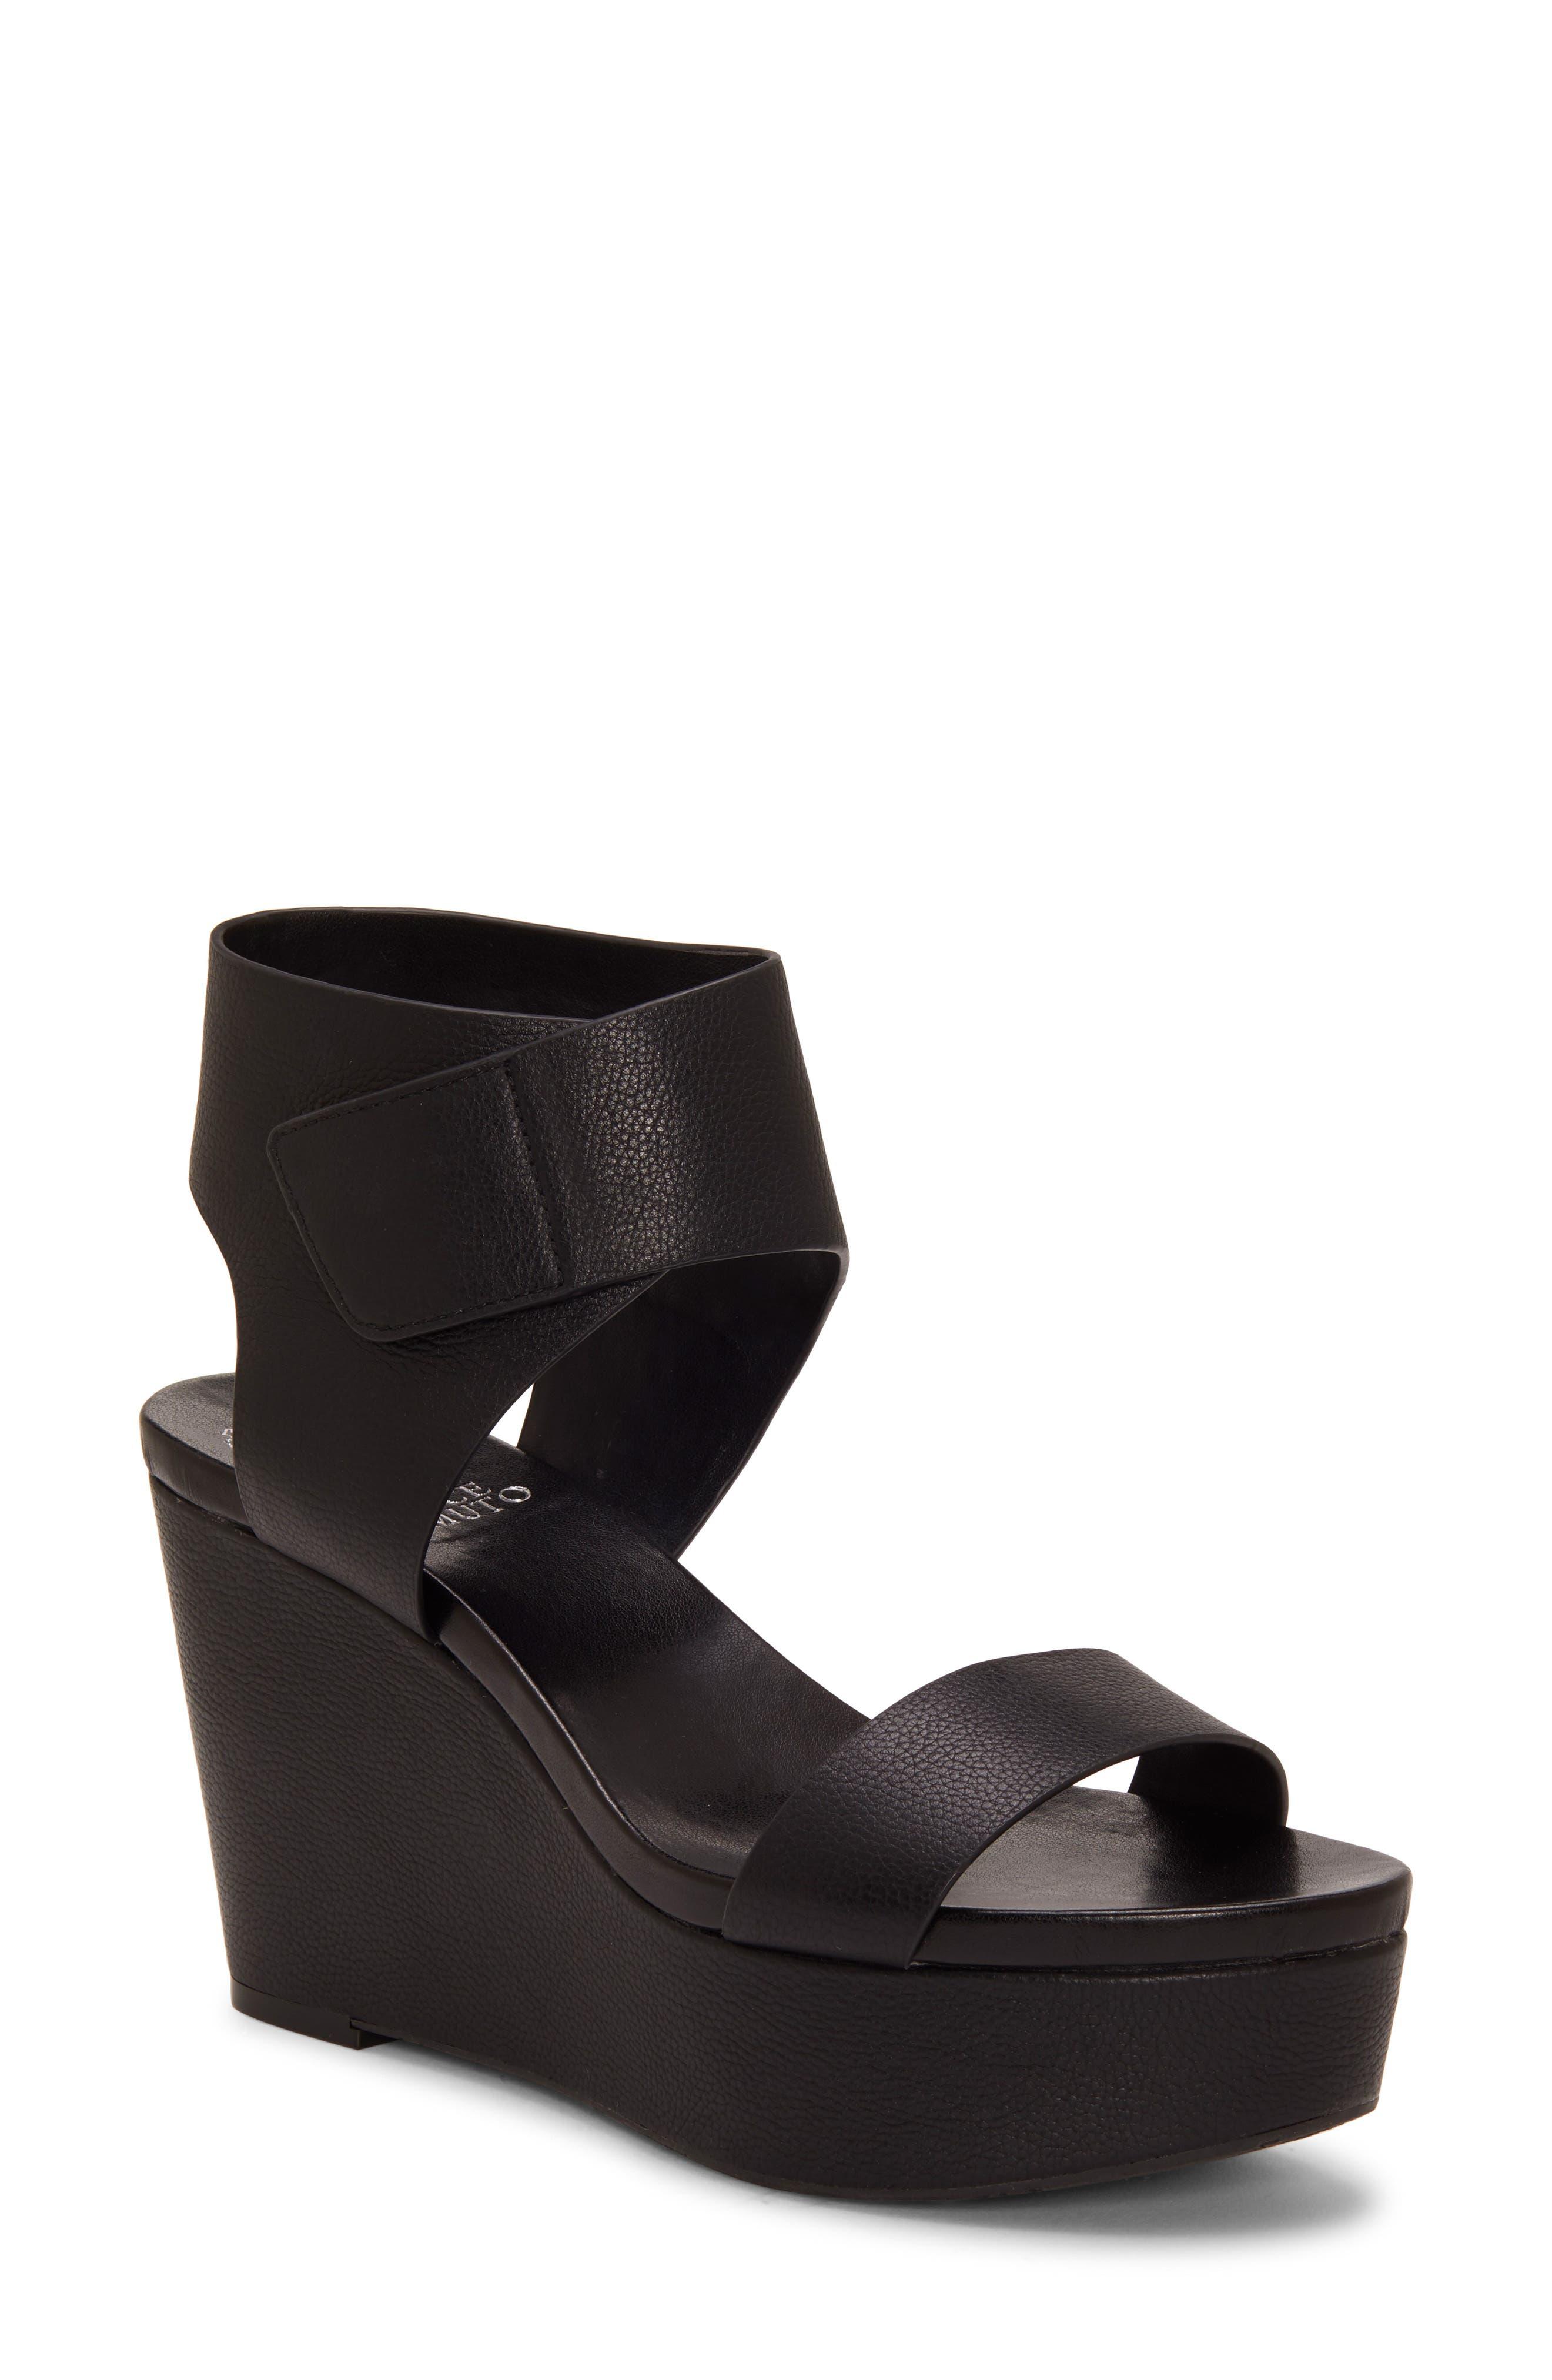 Vince Camuto Velista Platform Wedge Sandal- Black